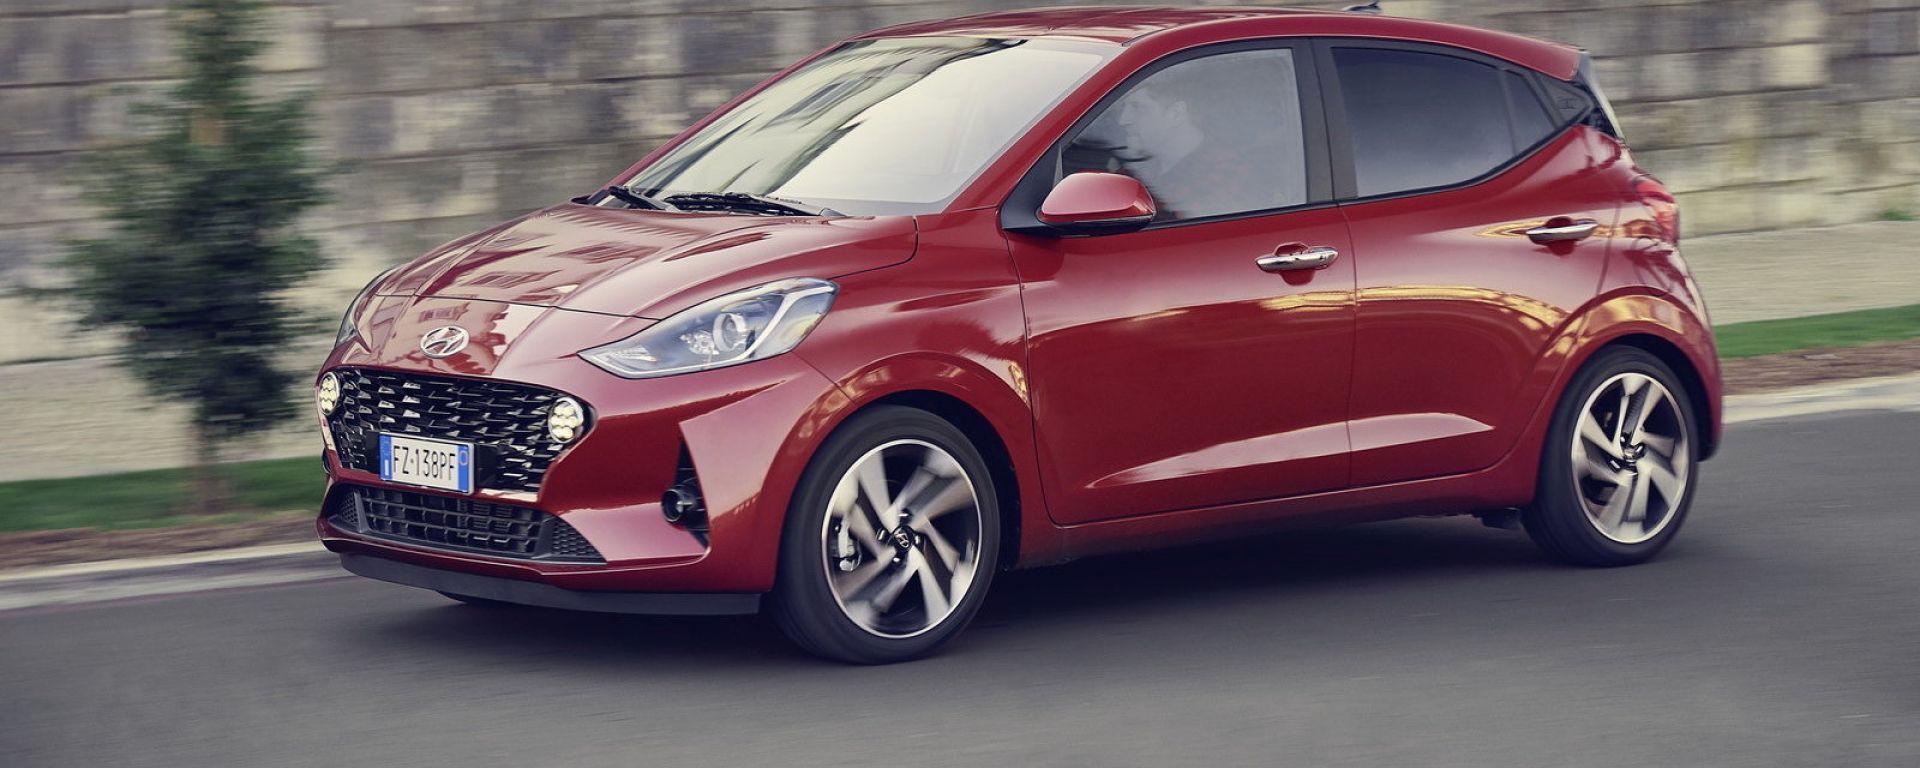 Nuova Hyundai i10 2020: arriva la citycar coreana più spaziosa e piacevole da guidare